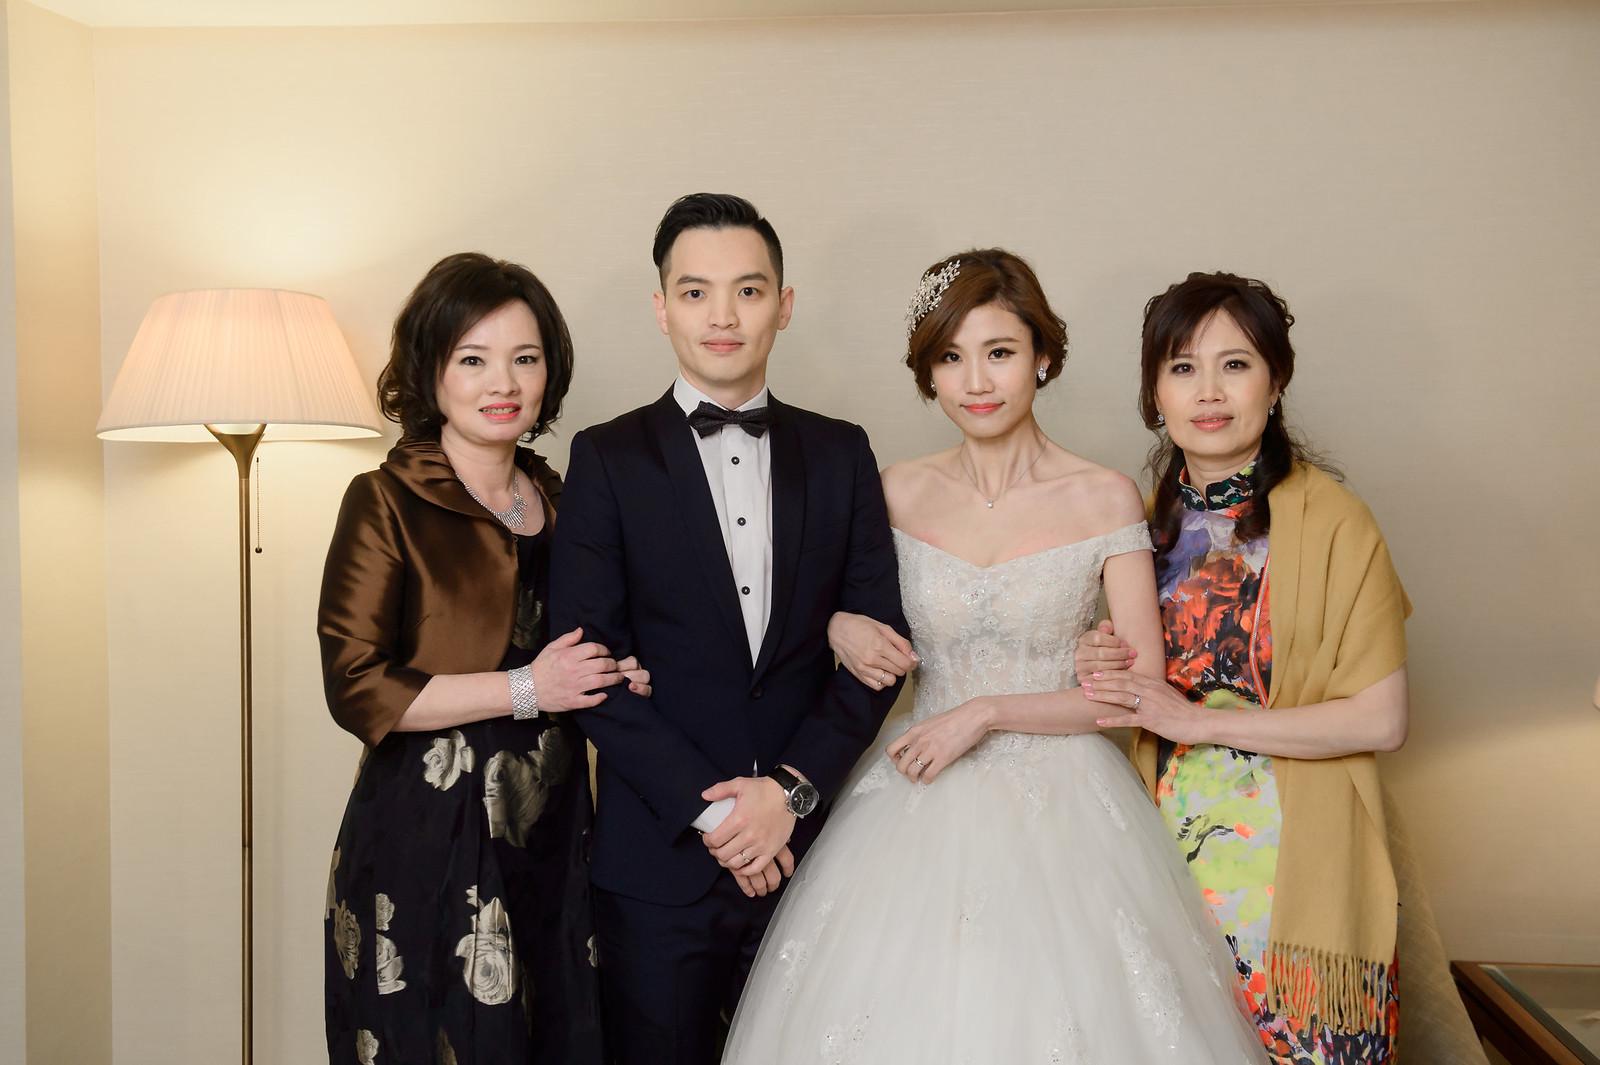 台北婚攝, 婚禮攝影, 婚攝, 婚攝守恆, 婚攝推薦, 晶華酒店, 晶華酒店婚宴, 晶華酒店婚攝-60